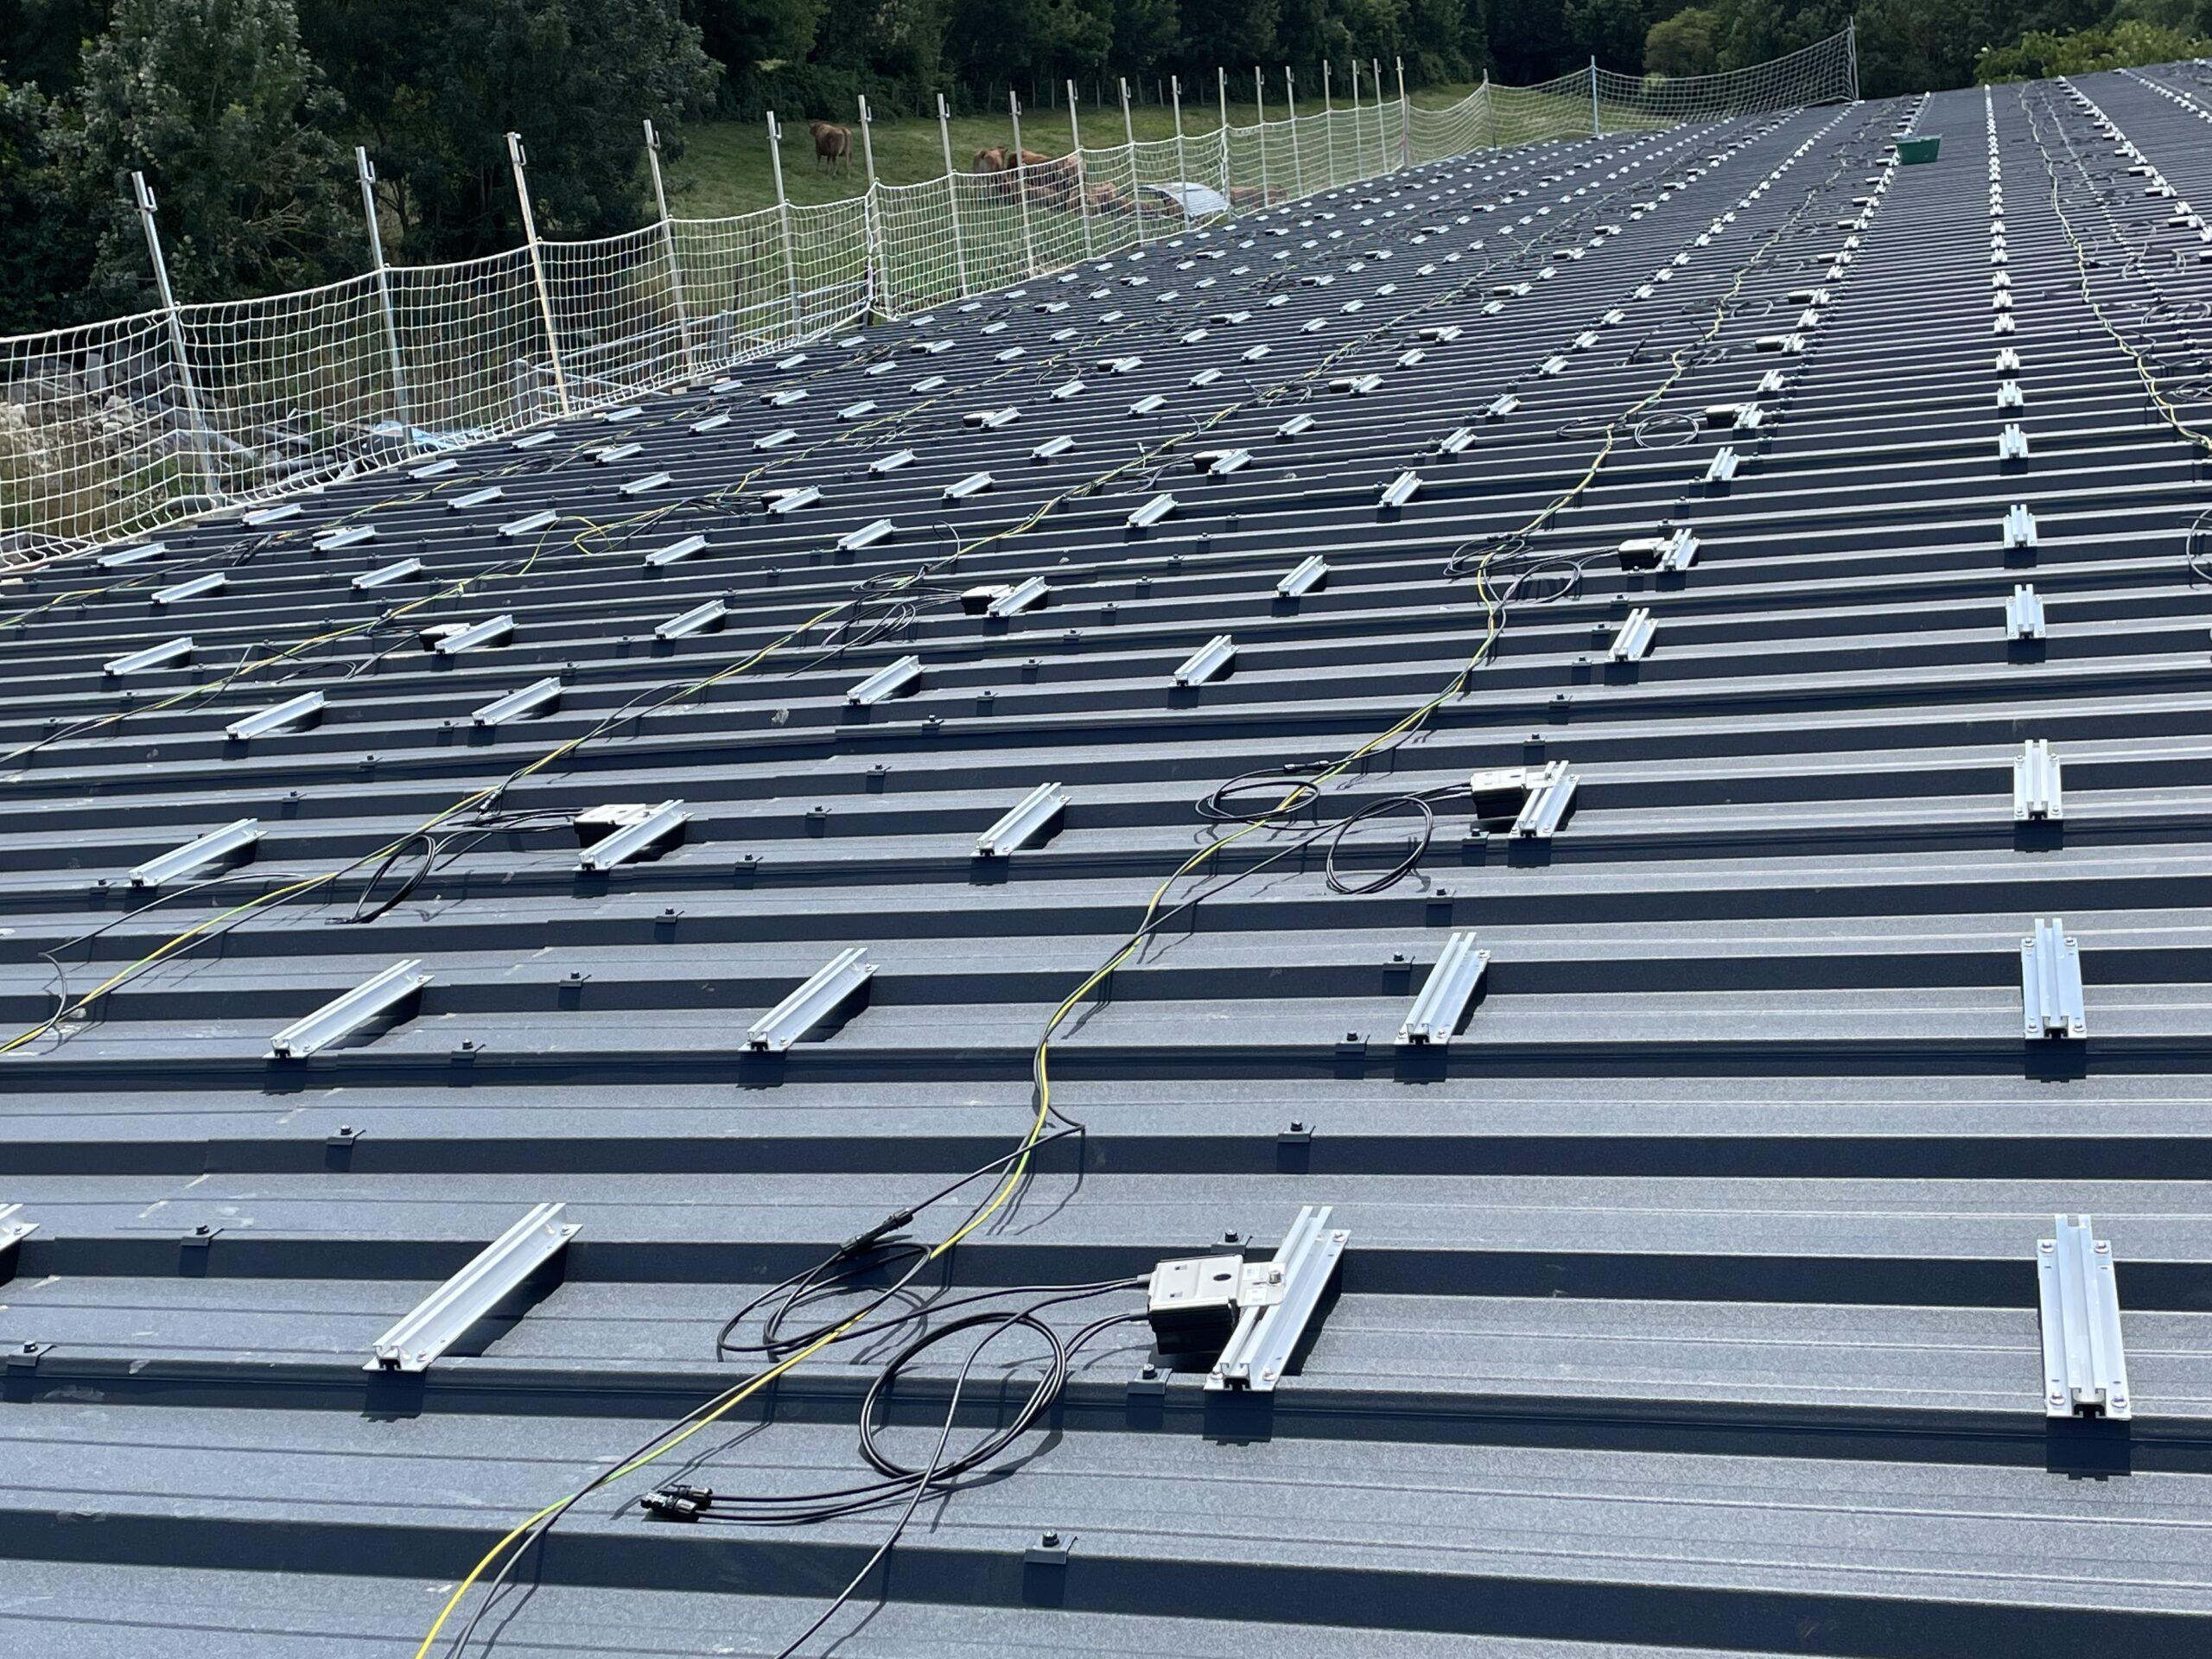 Fixation avant panneaux solaires sur le toit d'un hangar